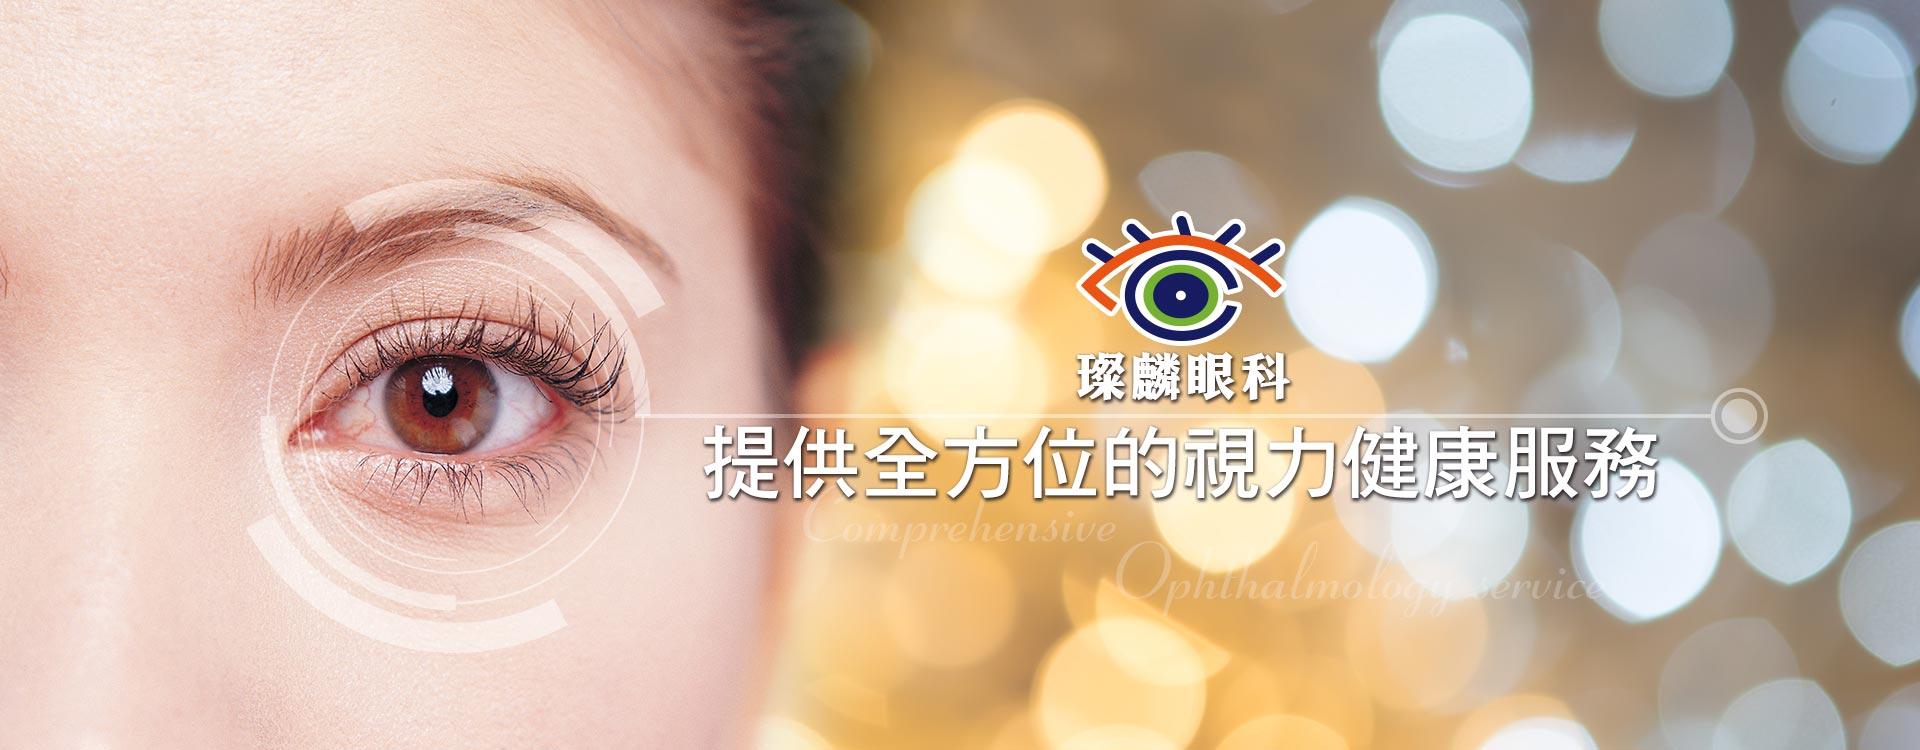 璨麟眼科診所